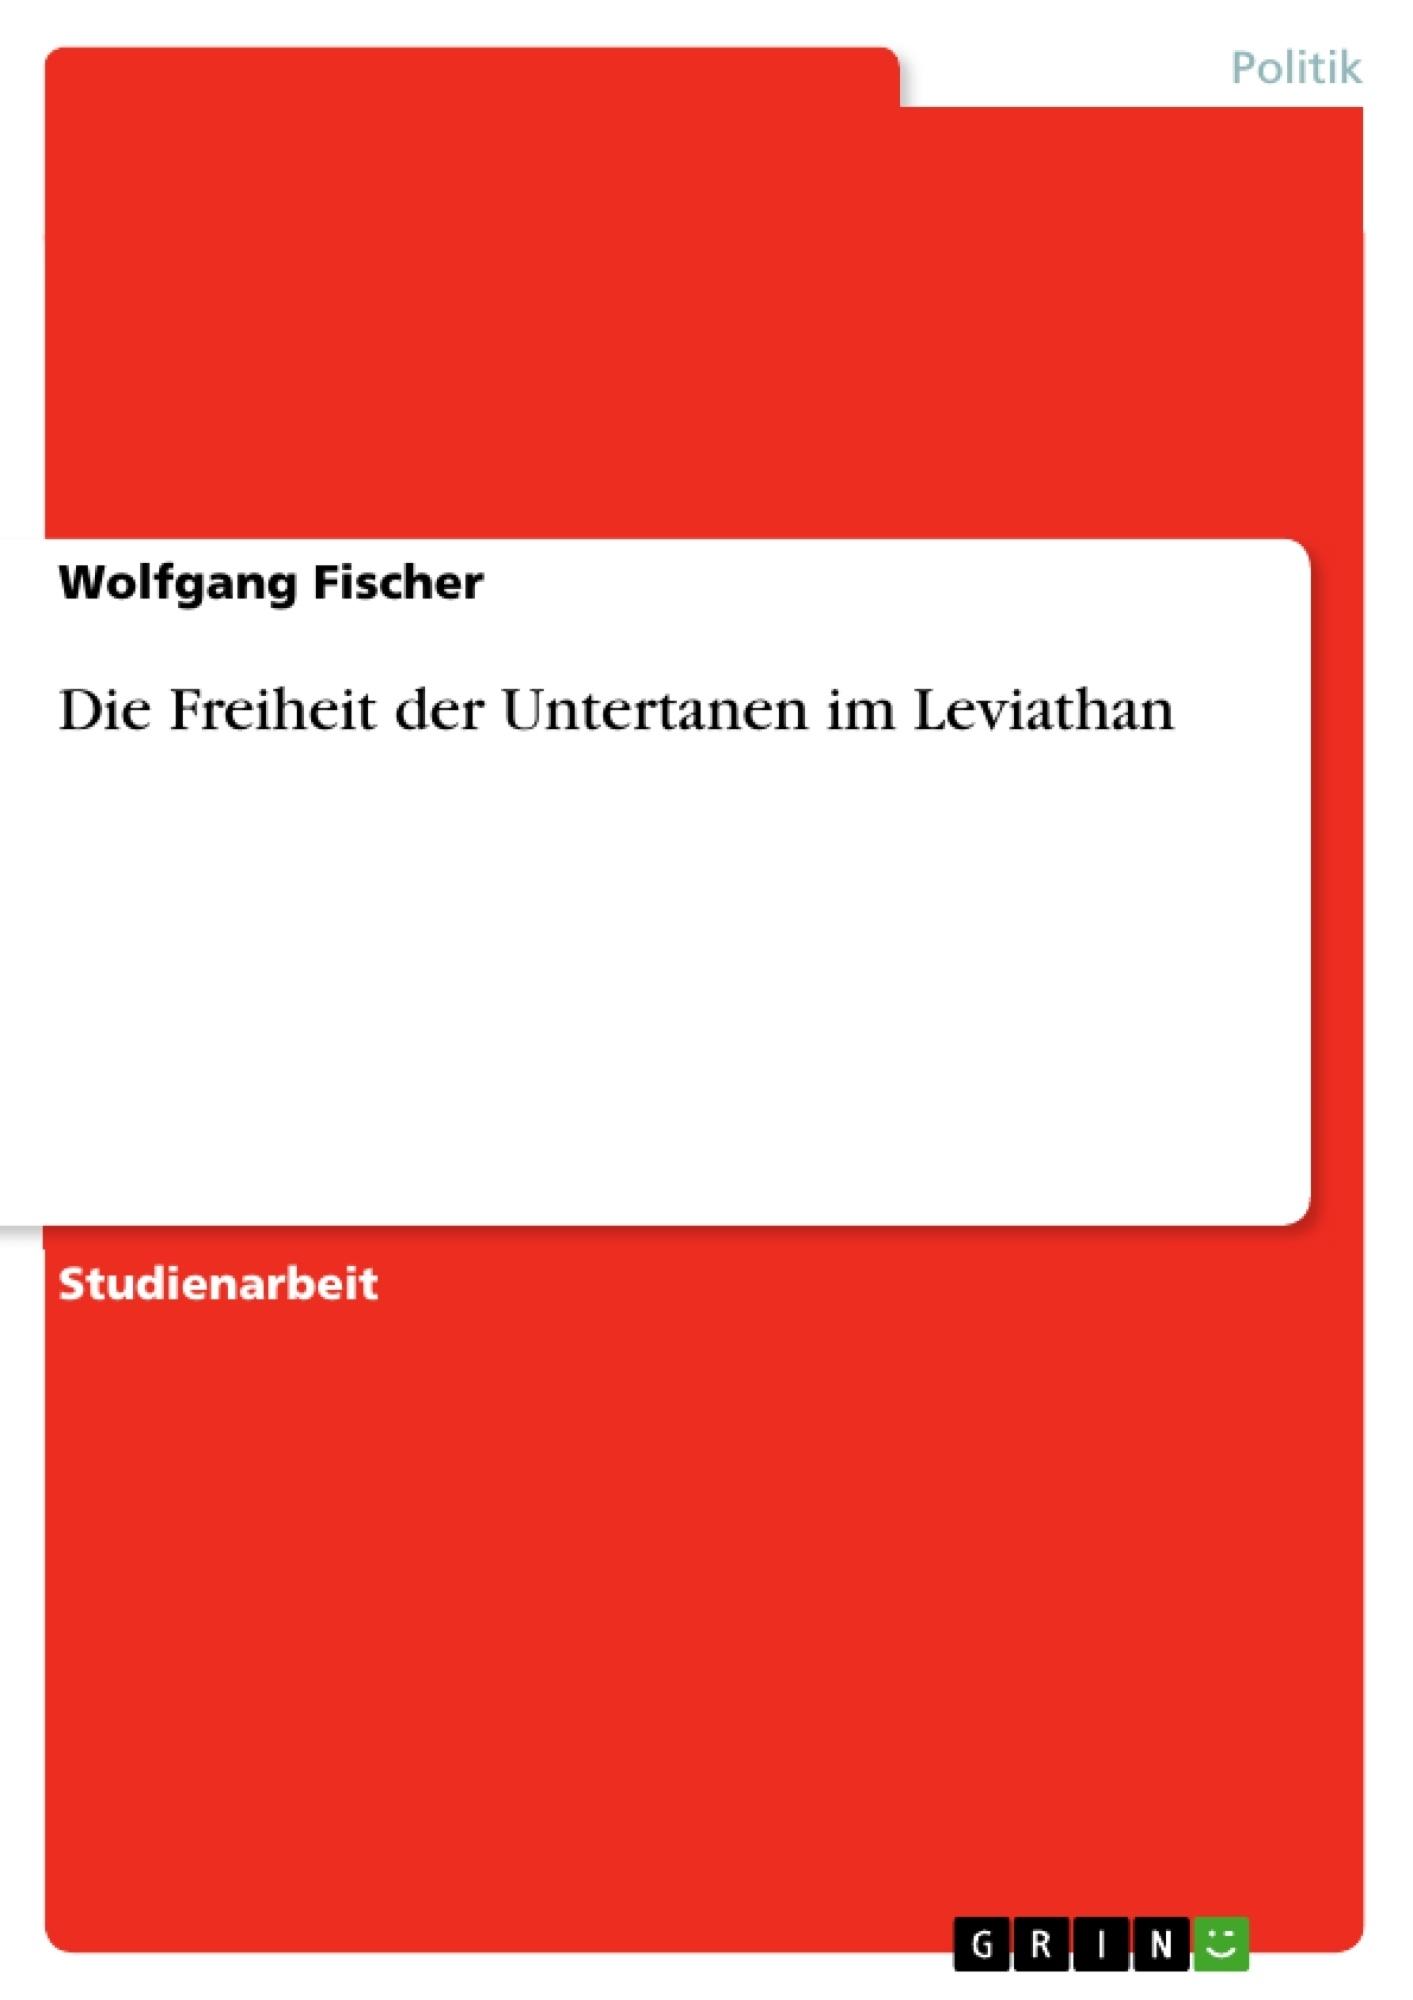 Titel: Die Freiheit der Untertanen im Leviathan